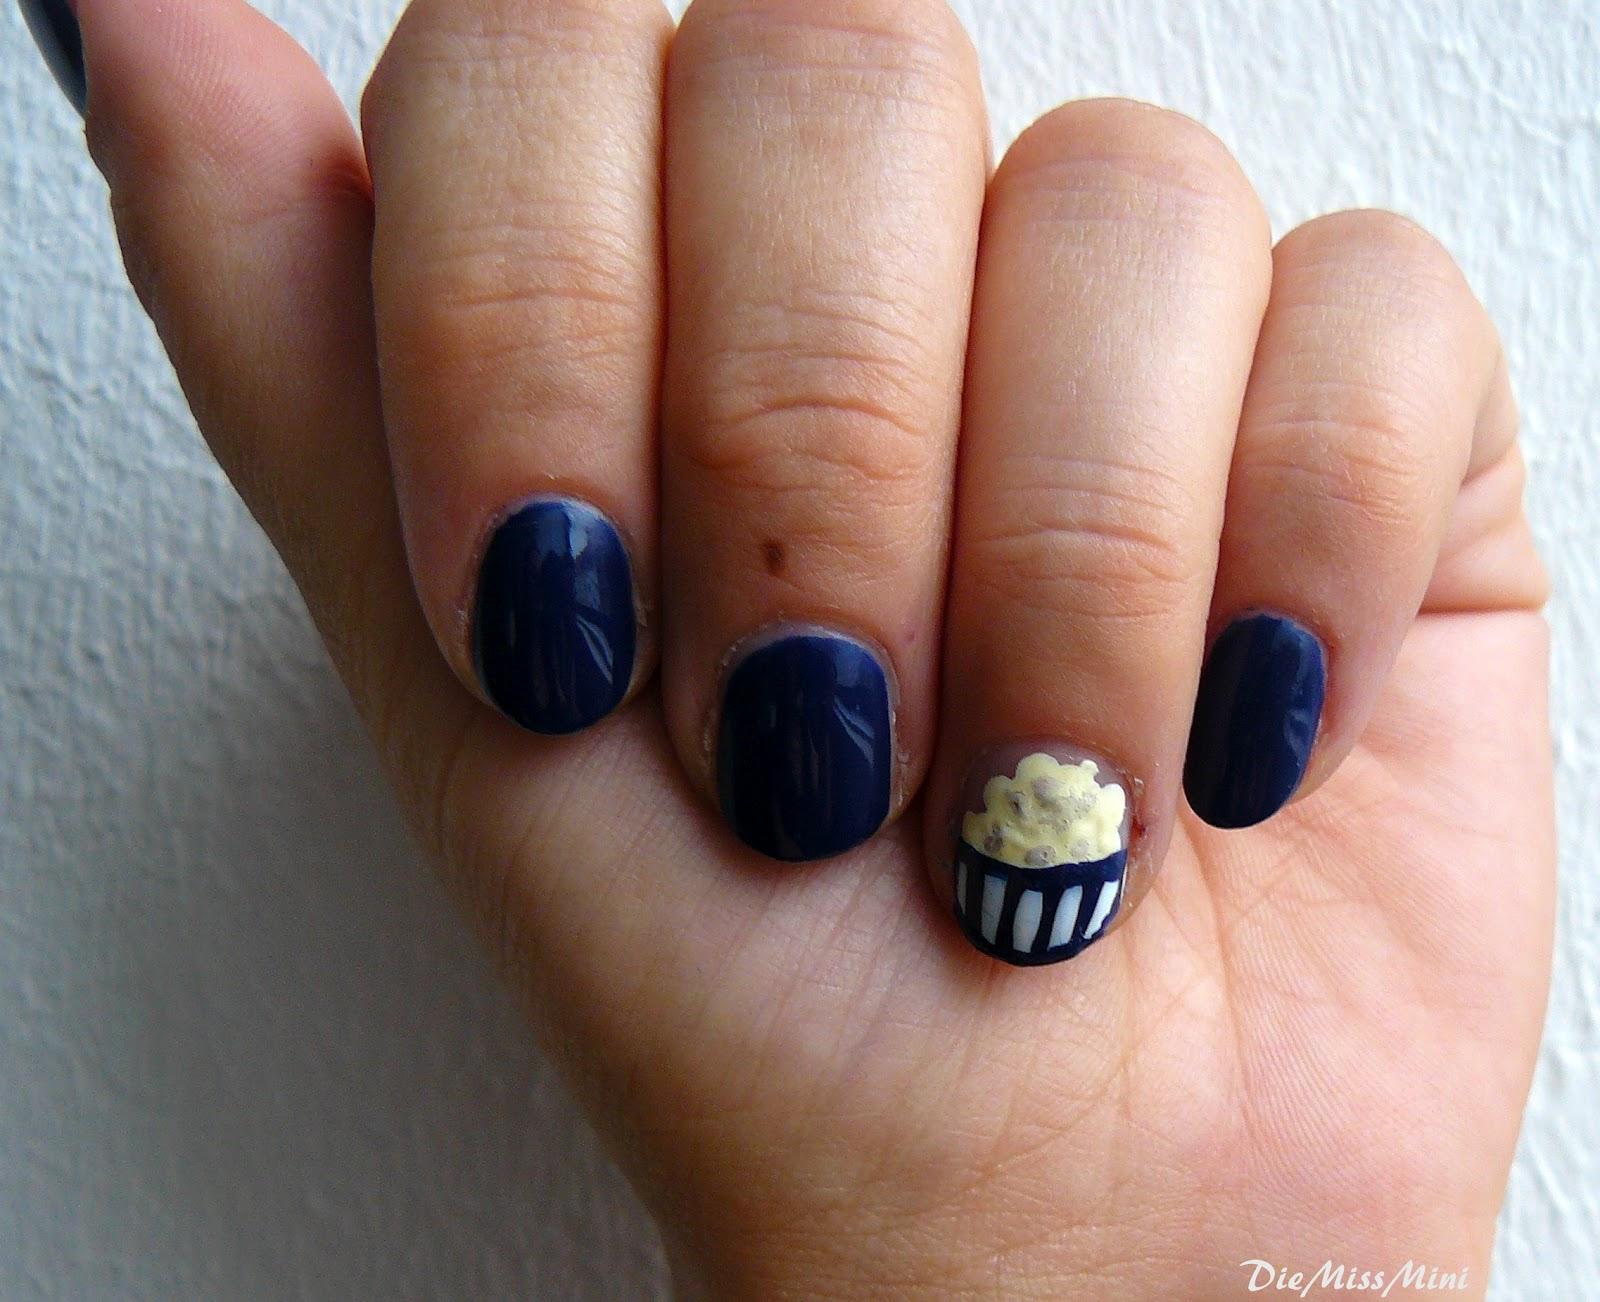 nageldesign natürlich - Nageldesign Welche Fingernägel mögen Männer